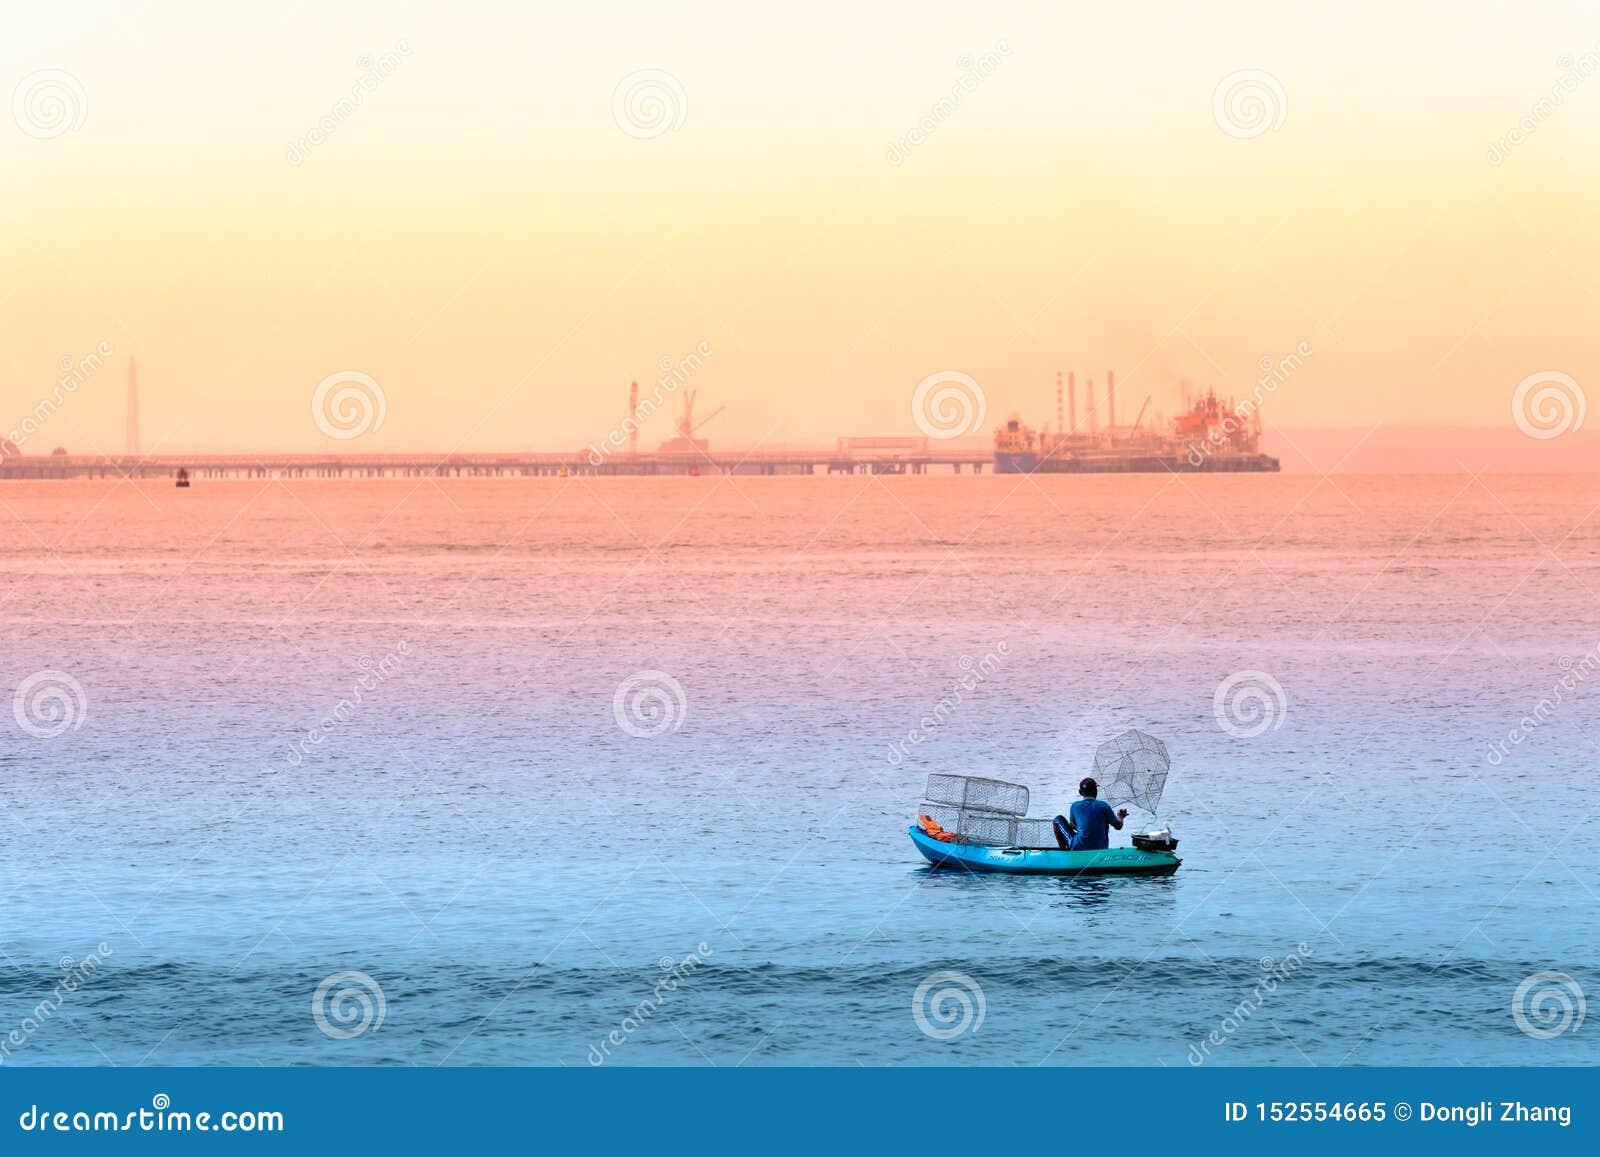 Singapura 29 DE JUNHO DE 2019: O pescador está pescando no mar colocando gaiolas